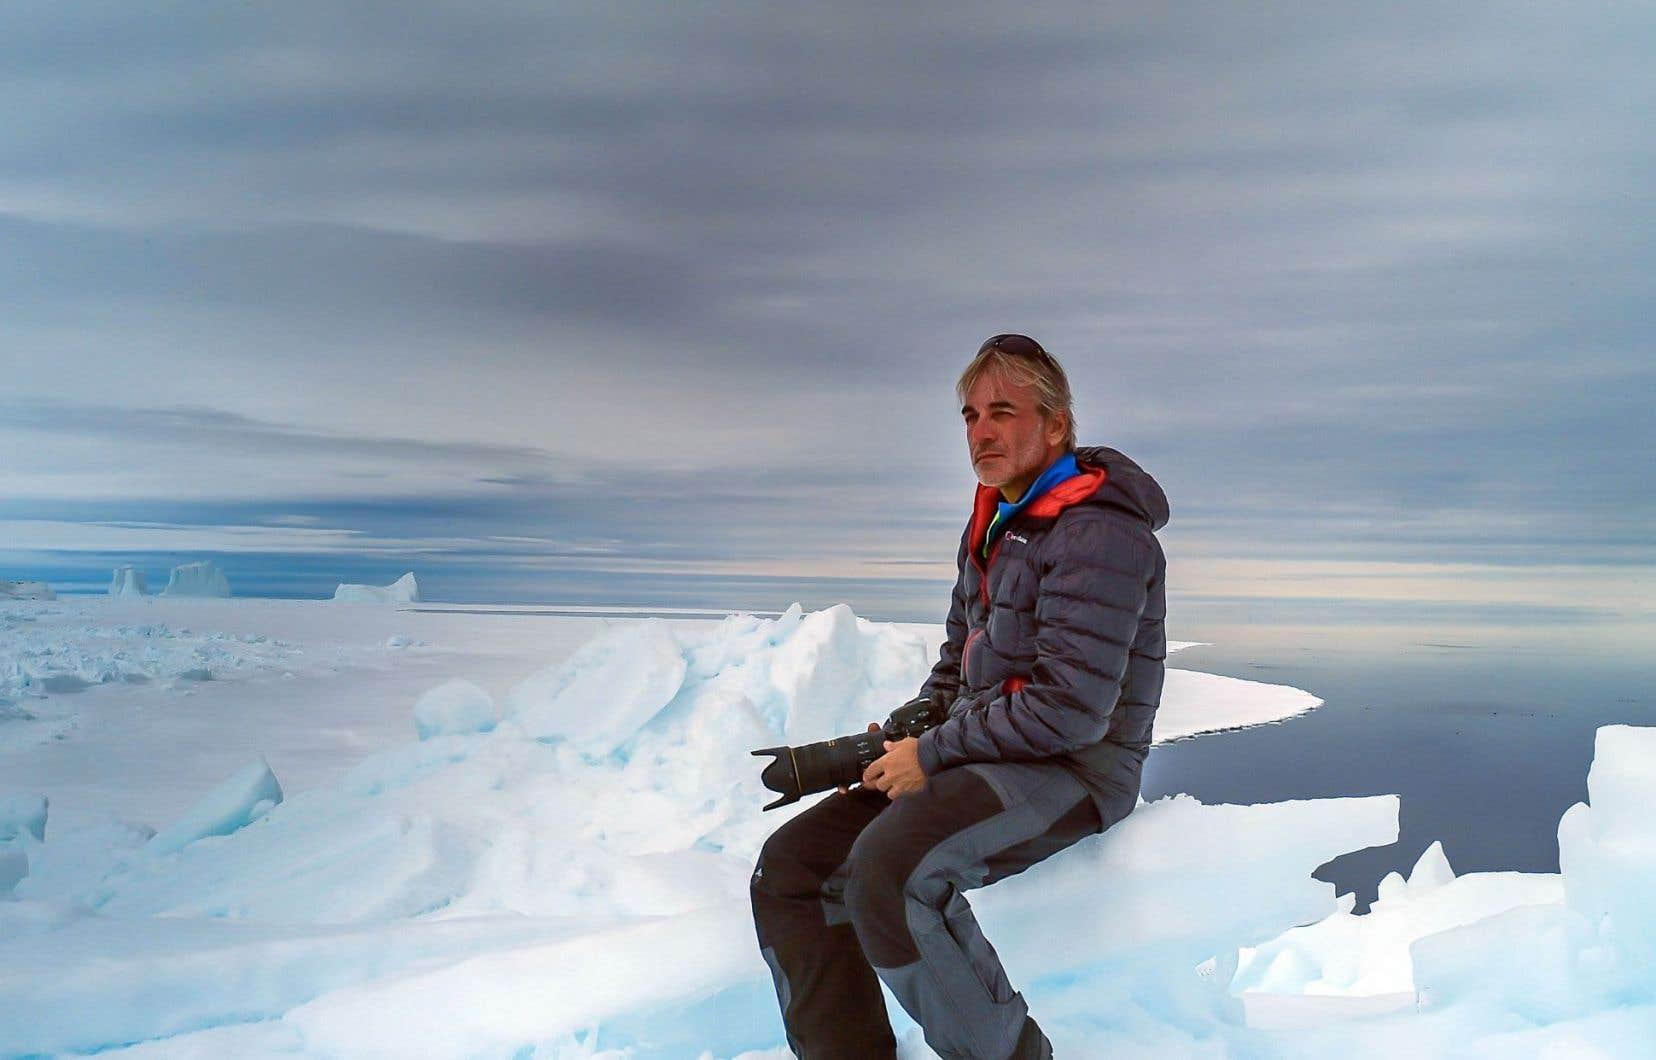 Seul sur la banquise, au large de Pond Inlet, en Arctique, à l'hiver 2014, le cinéaste Jean Lemire contemple un paysage qui disparaît de saison en saison, le régulateur thermique de la planète.